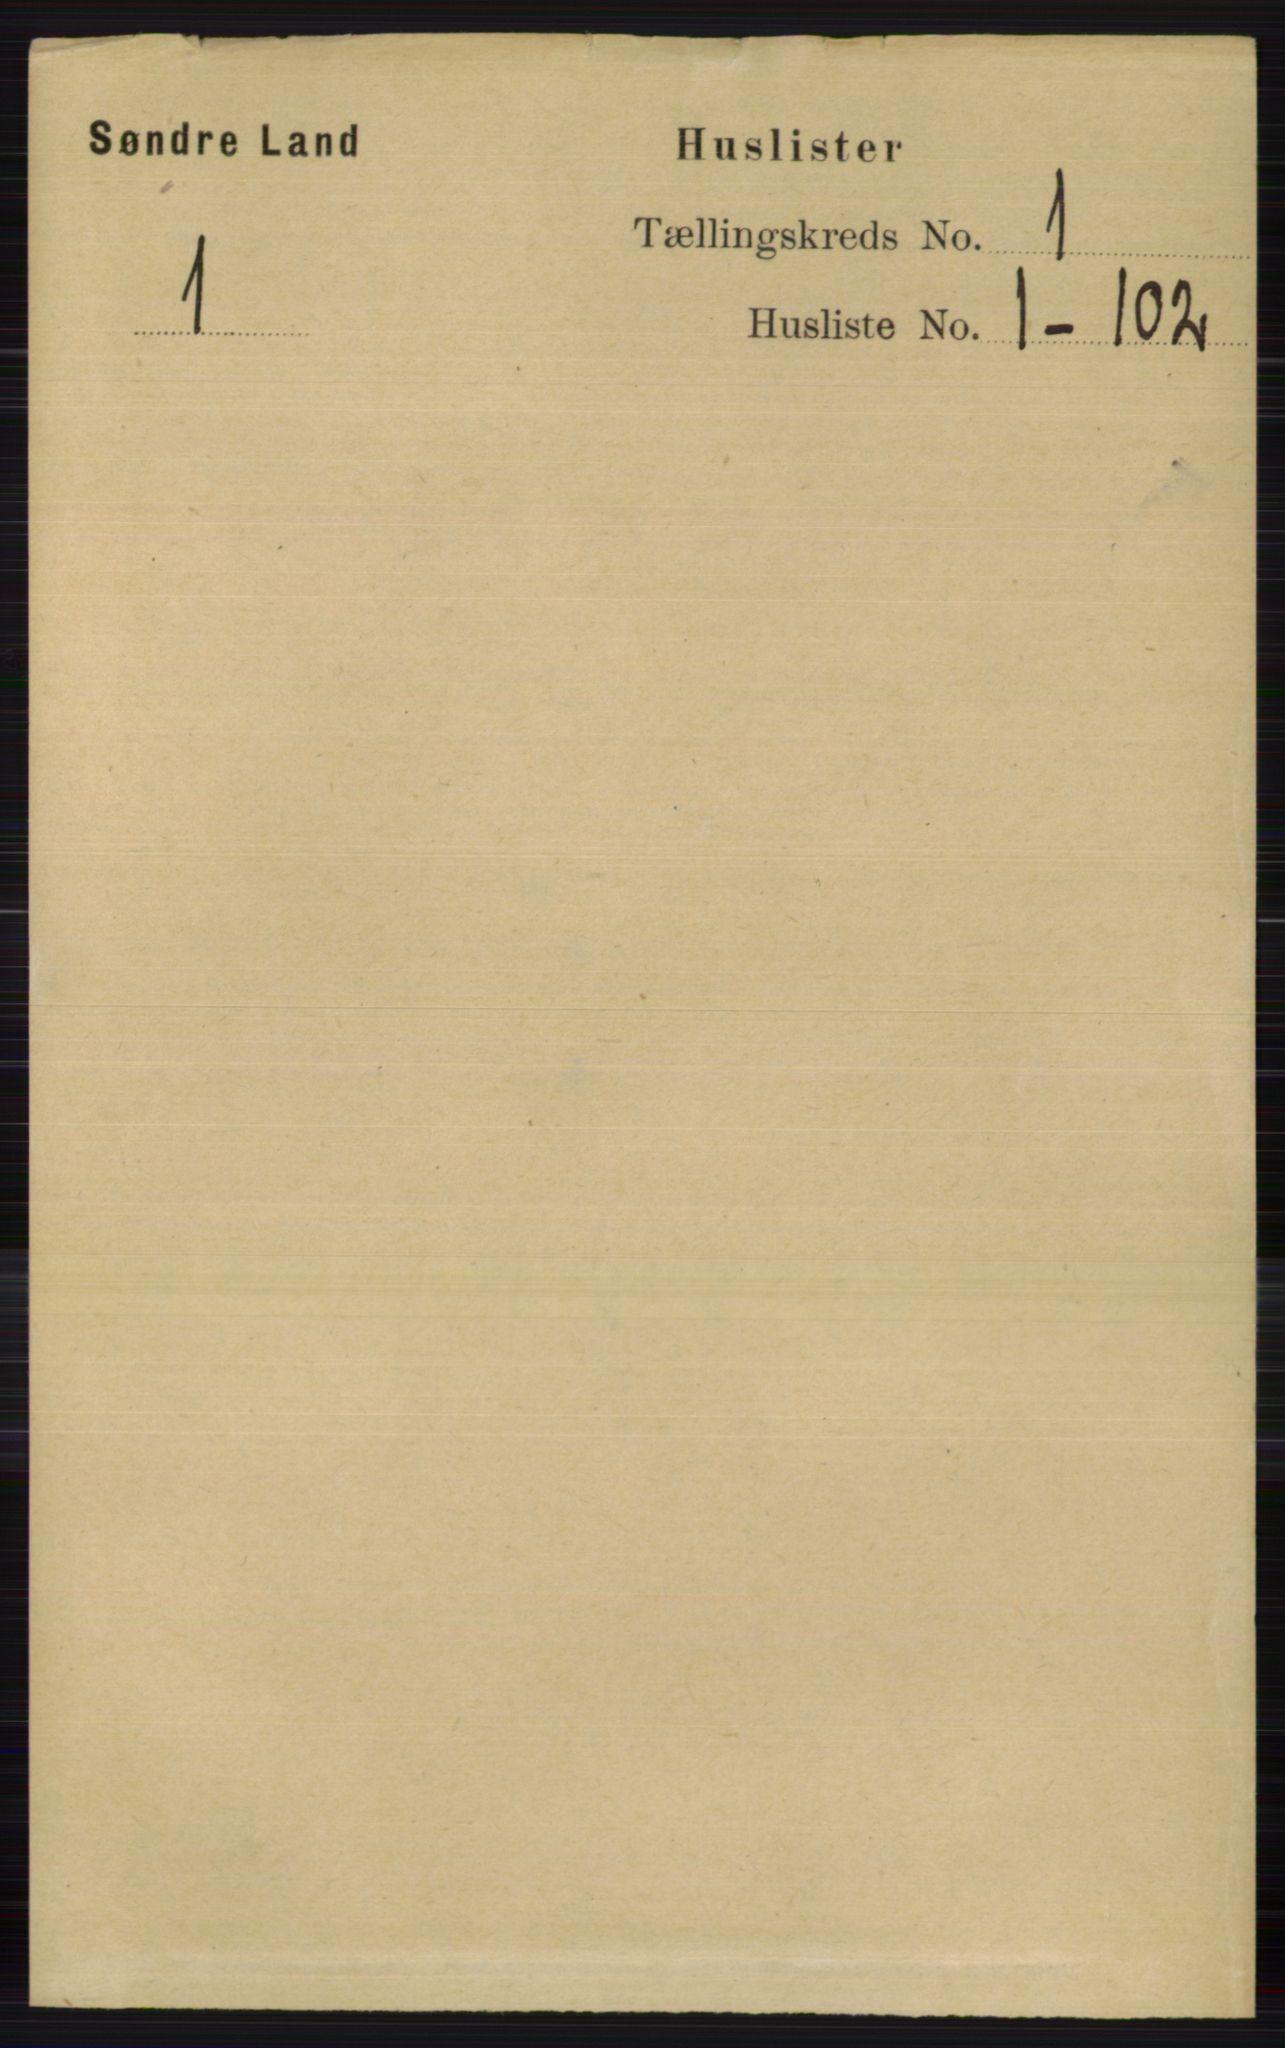 RA, Folketelling 1891 for 0536 Søndre Land herred, 1891, s. 25